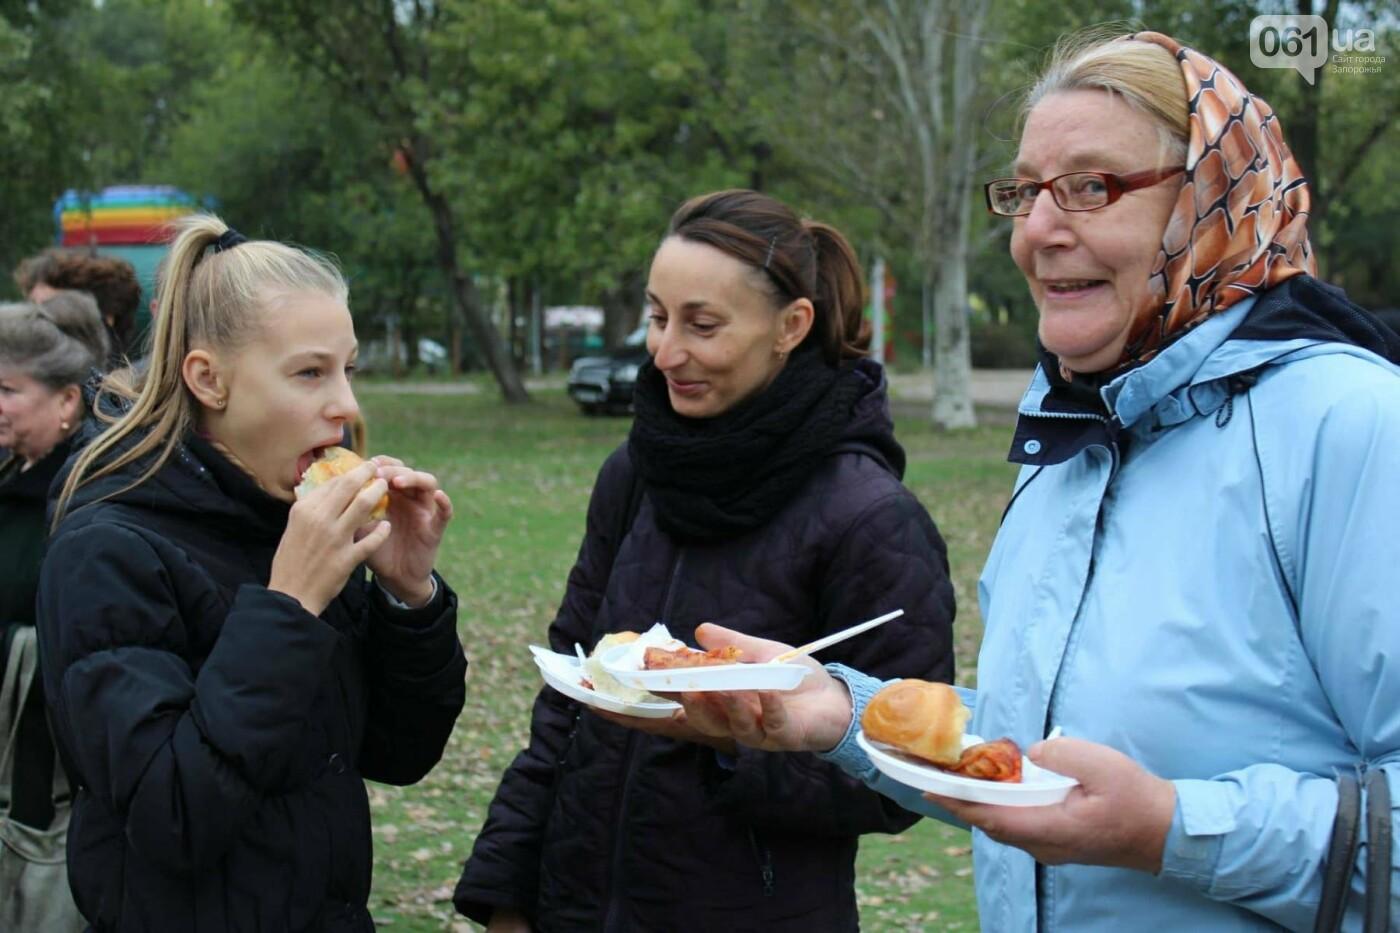 В Запорожье на ярмарке под баян начали раздавать голубцы: пока без драк, - ФОТОРЕПОРТАЖ, фото-8